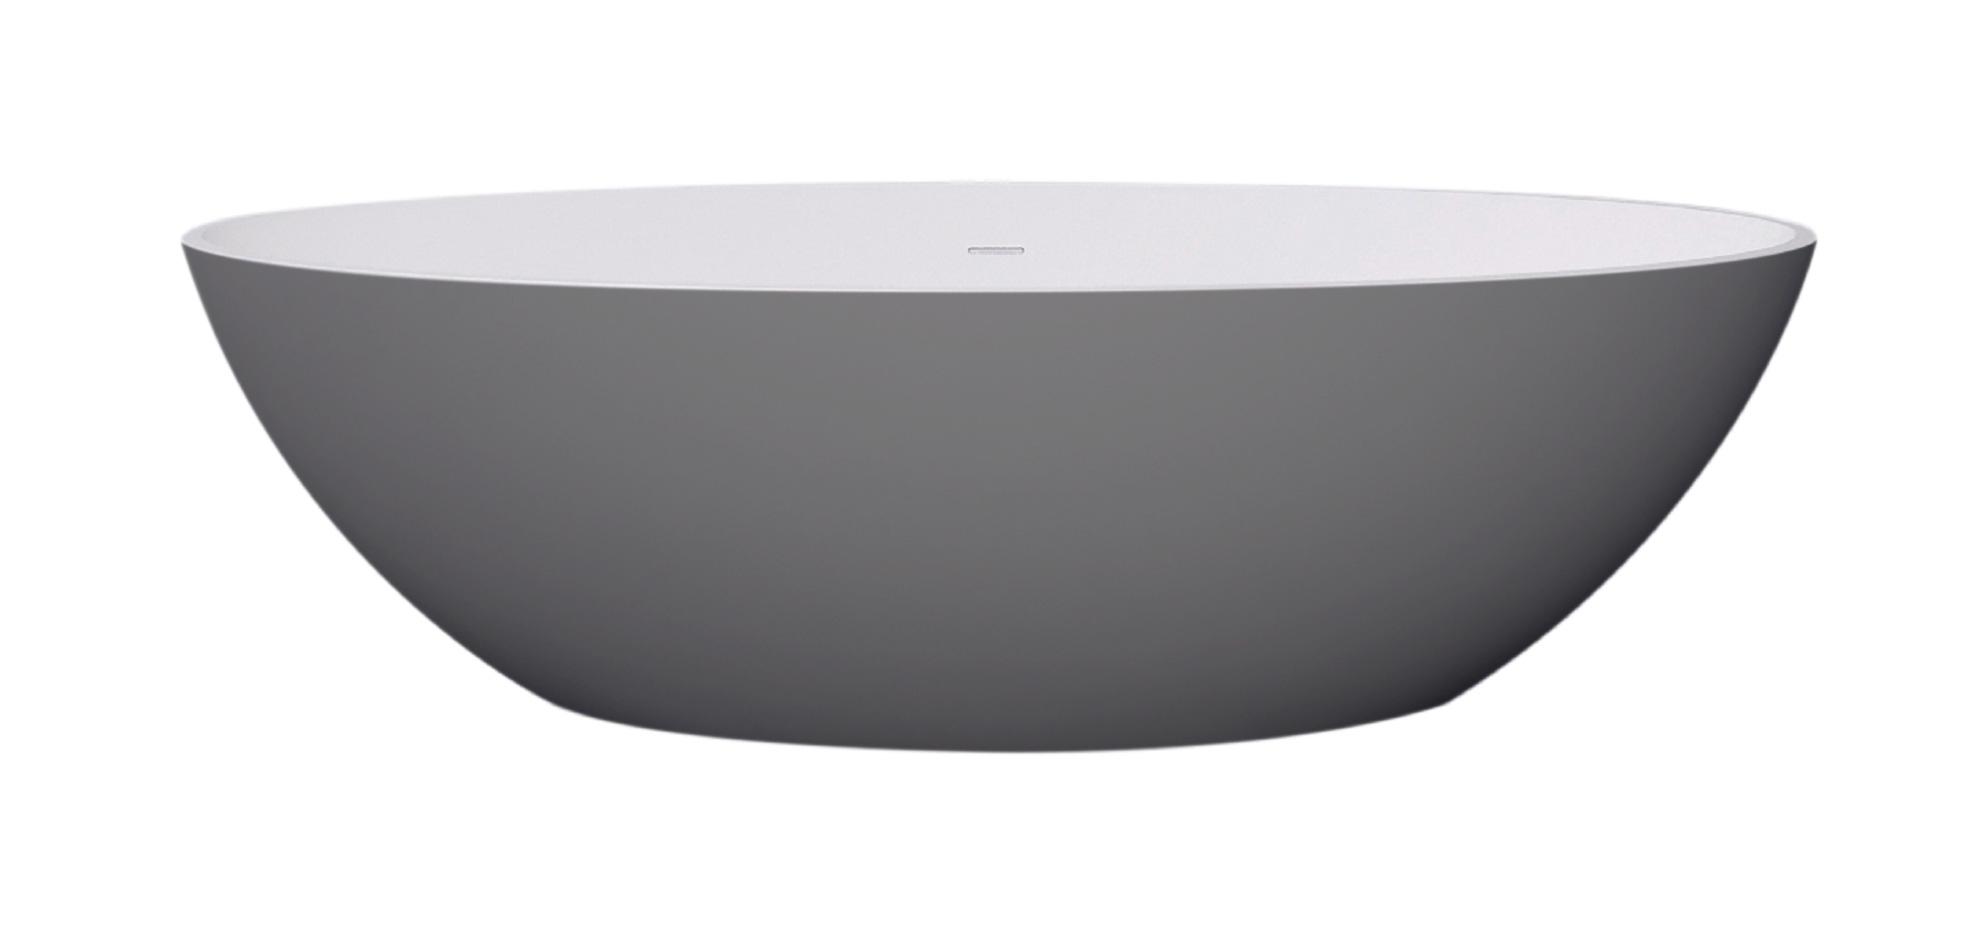 Best Design New Stone Bicolor vrijstaand bad grijs/wit 180x85x52cm